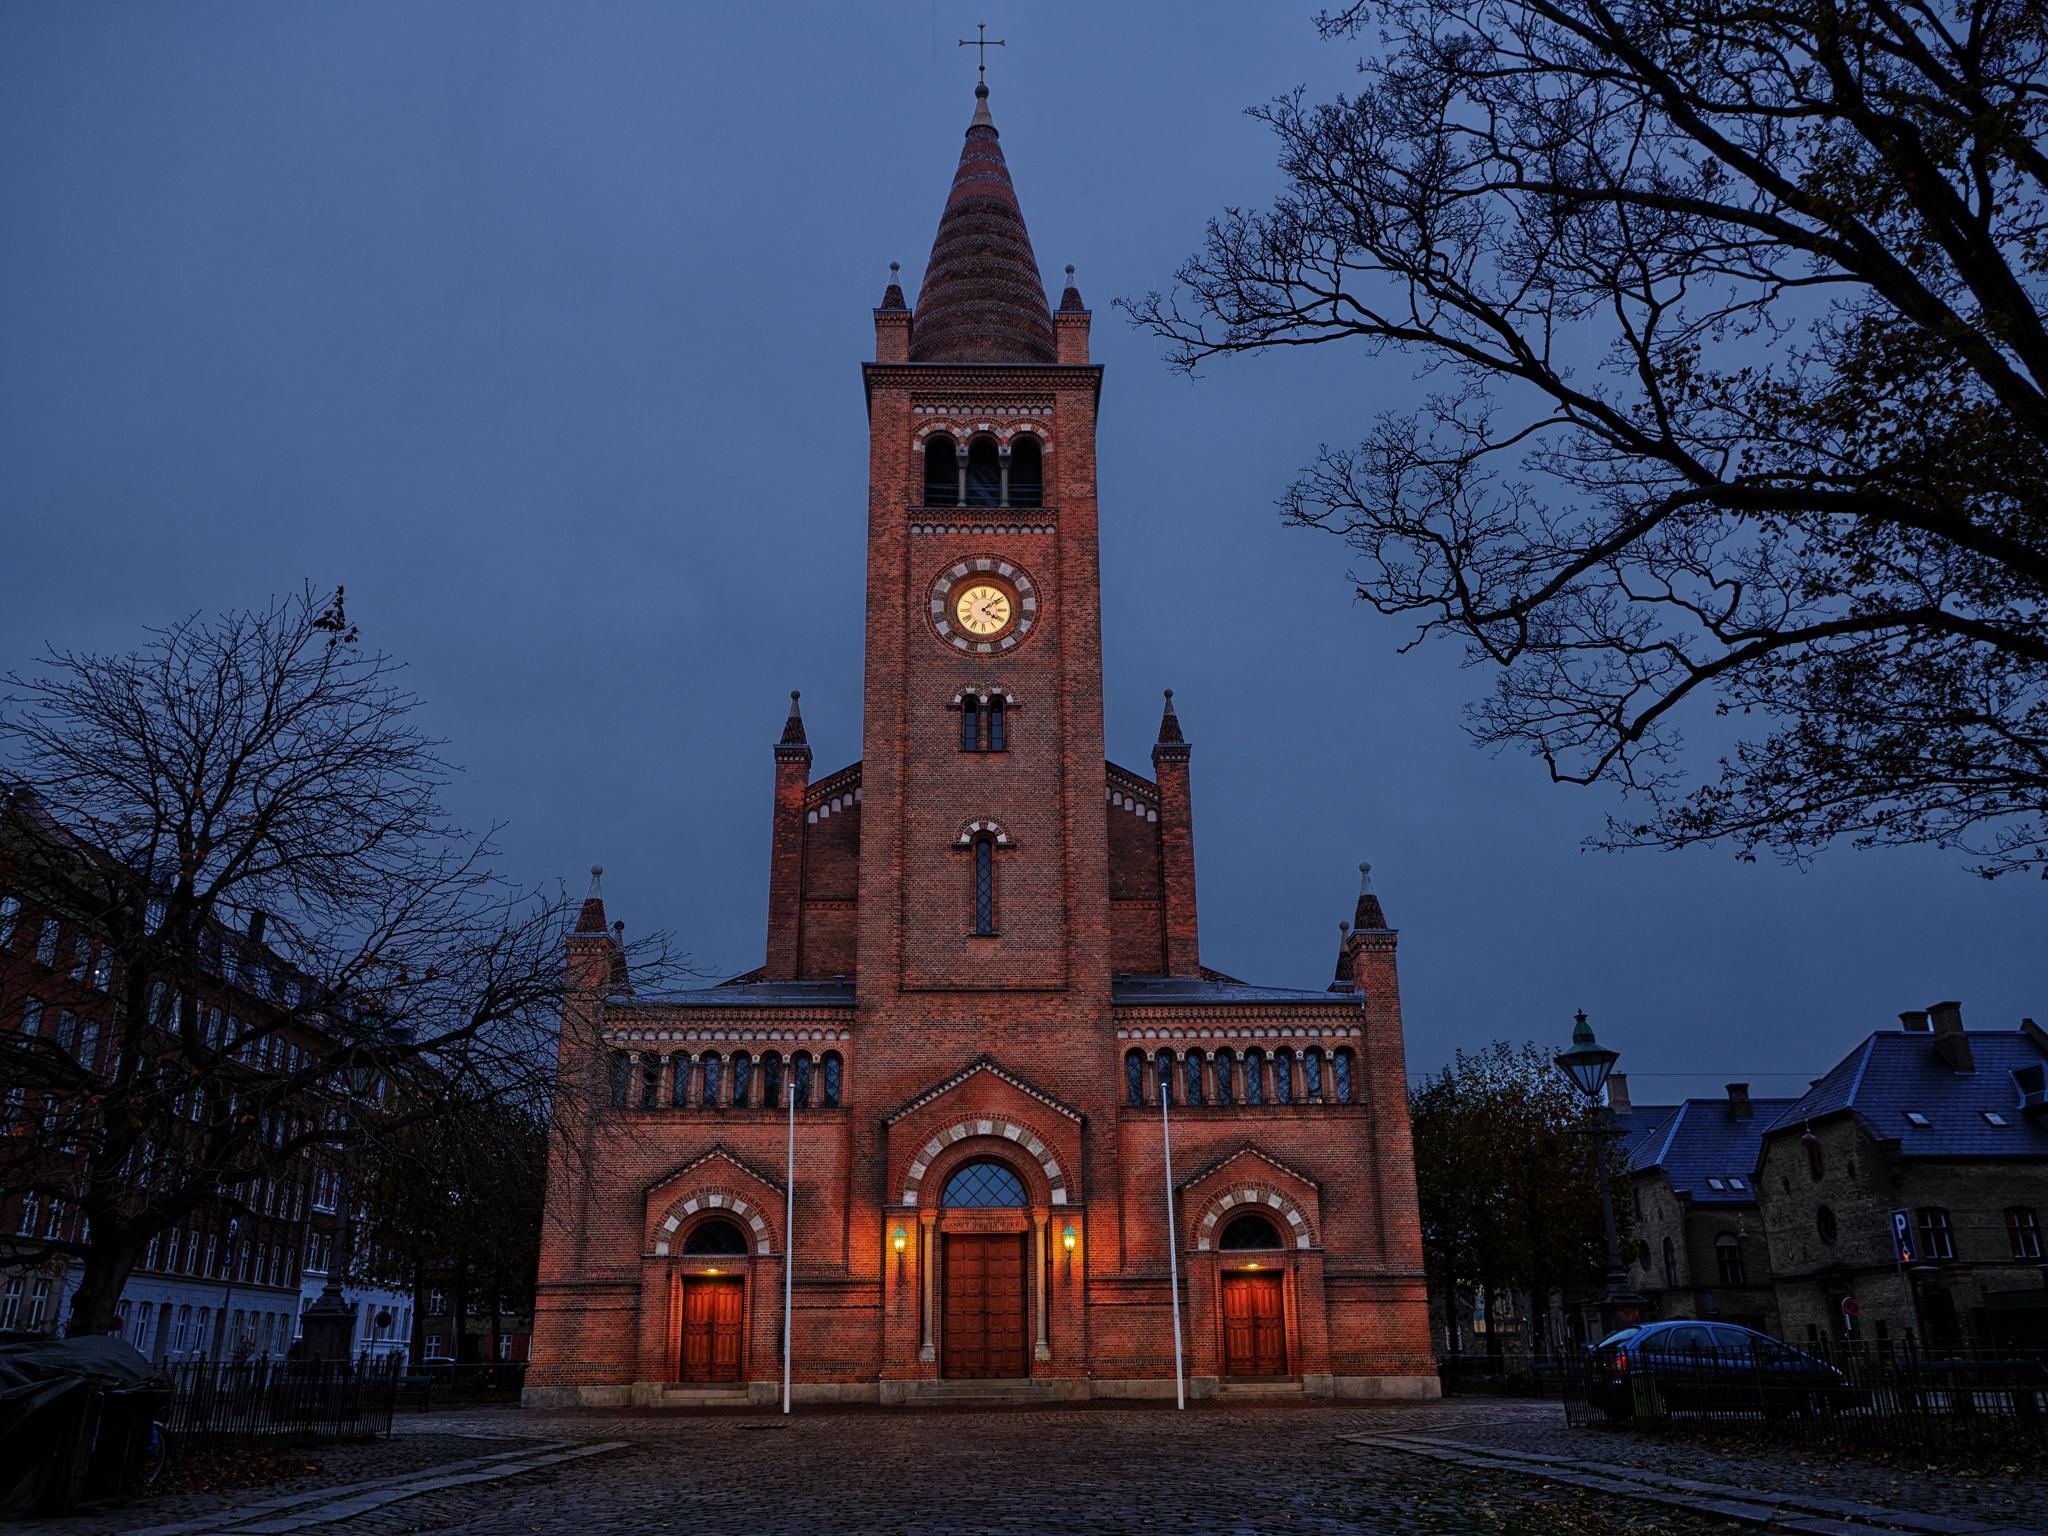 Lightplanner har lavet teknisk lysstyring og energioptimering af lyset i Sankt Pauls kirke